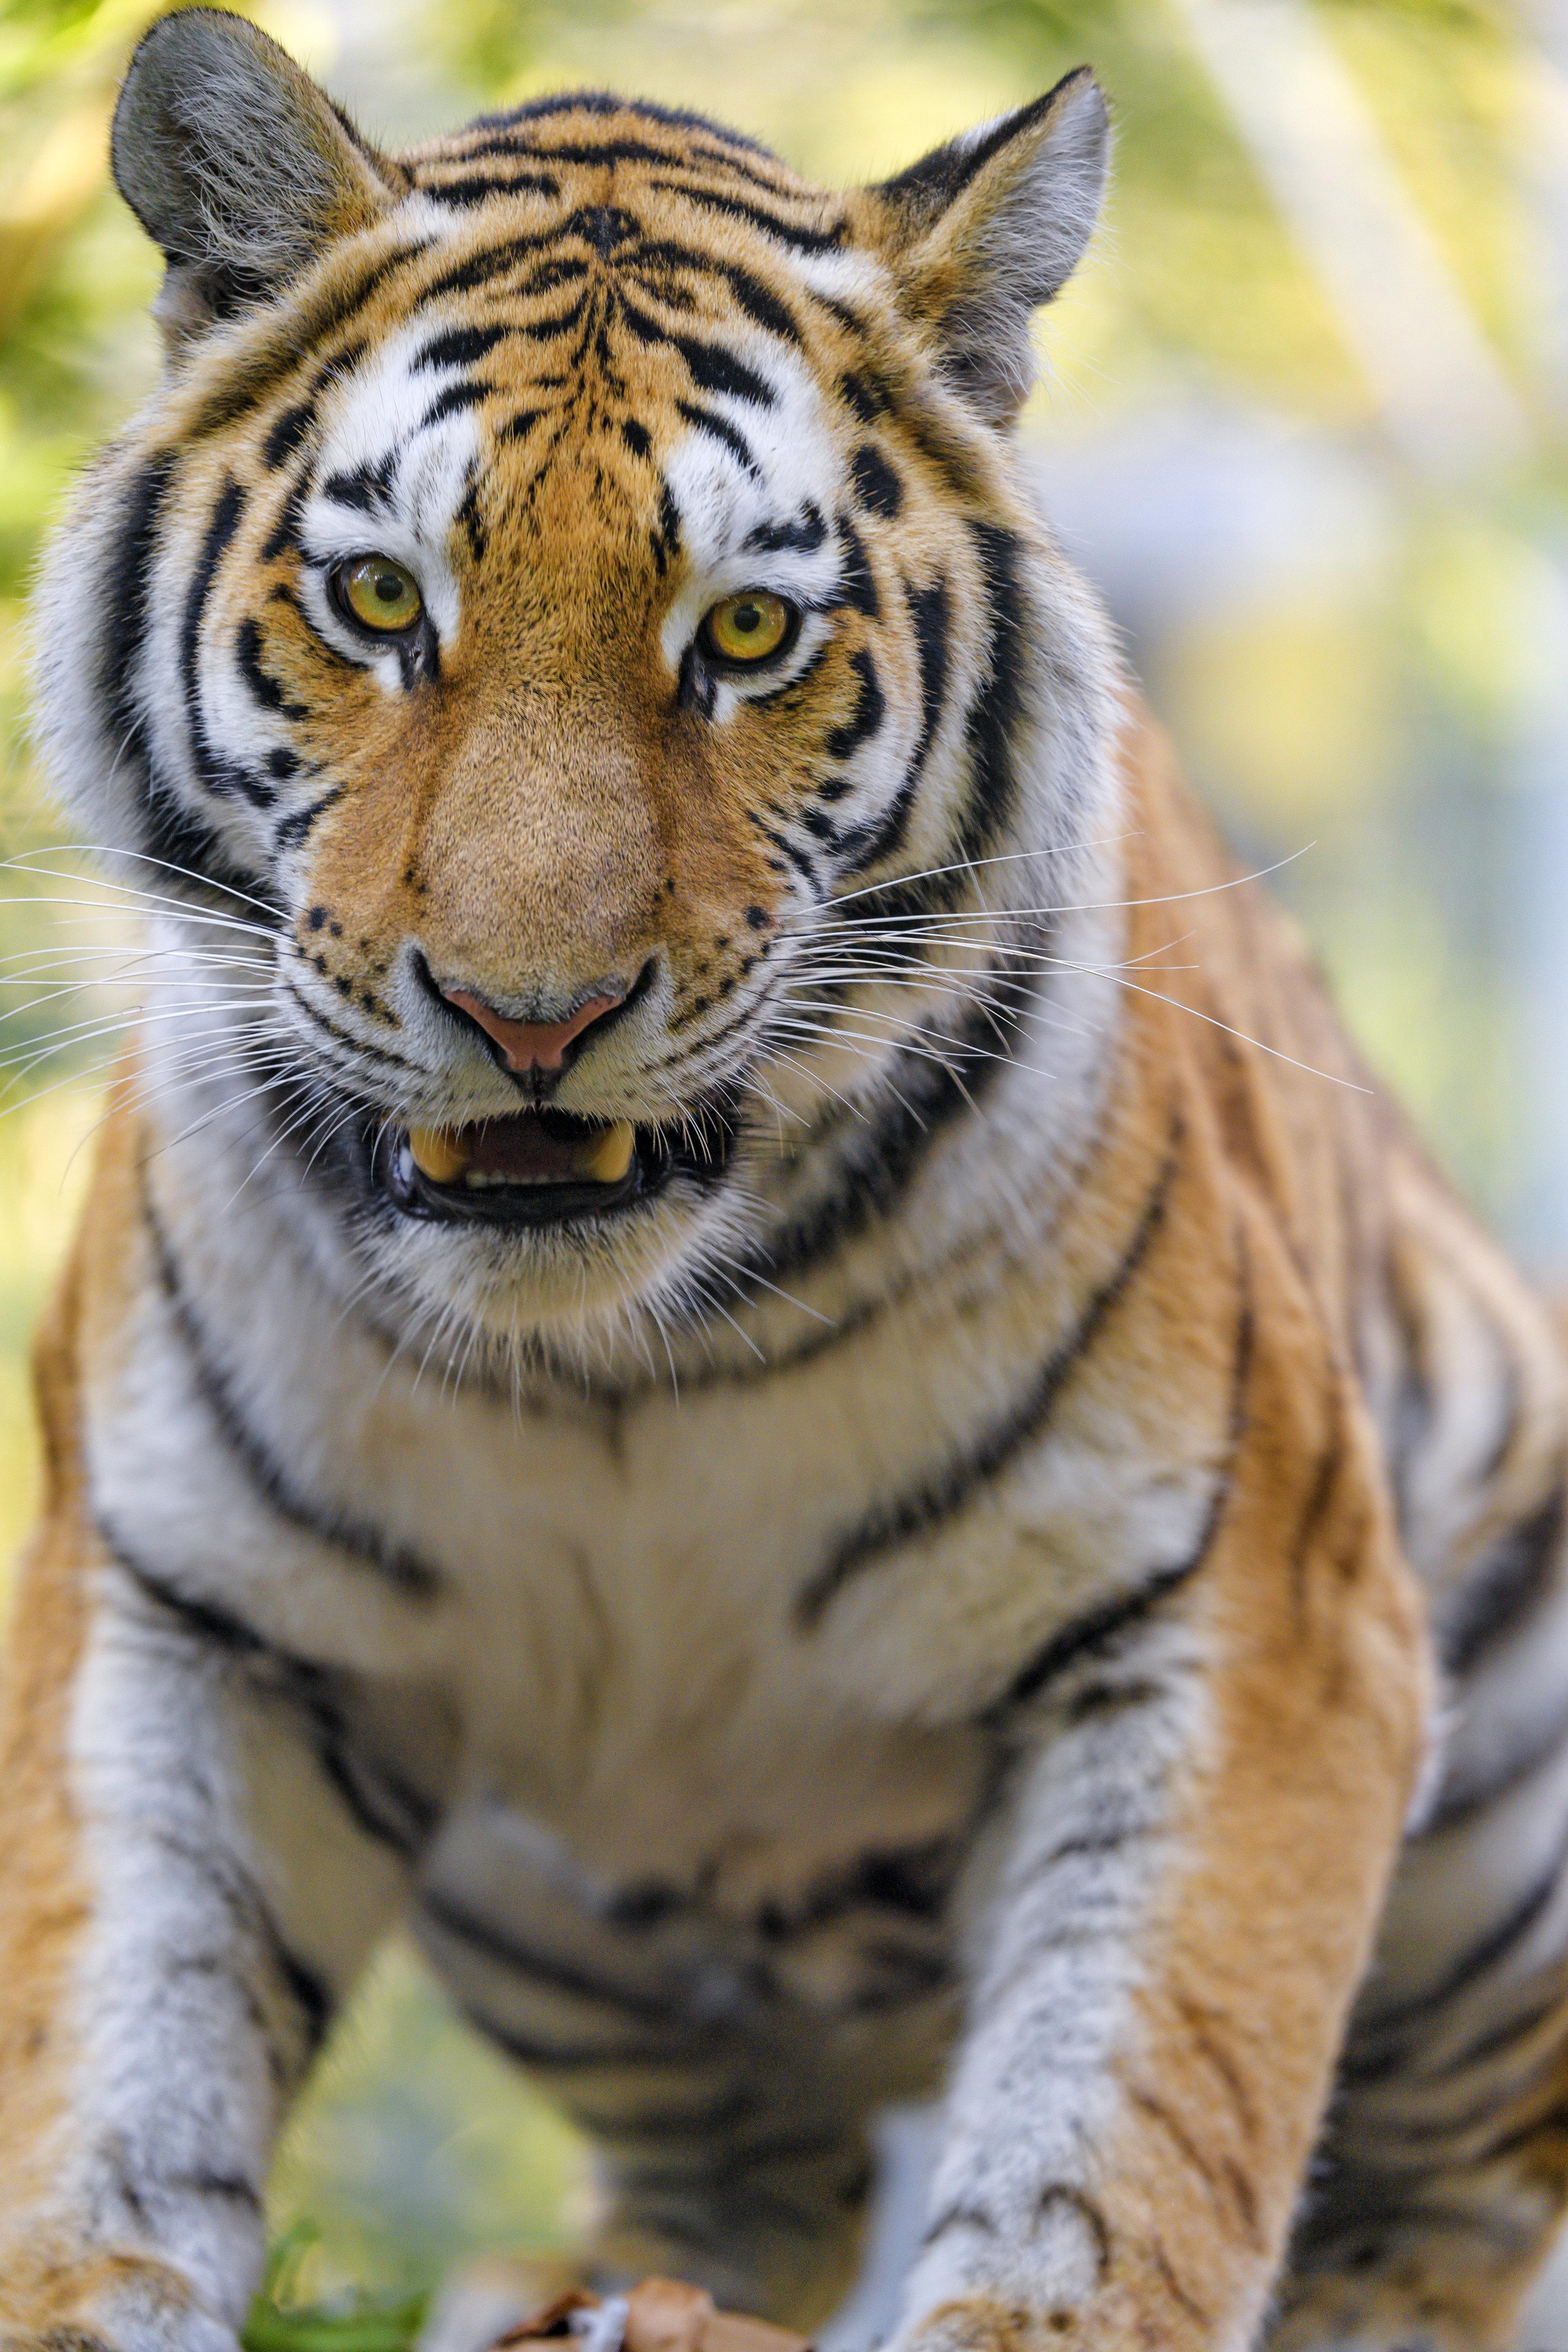 149903壁紙のダウンロード動物, 大きな猫, ビッグキャット, 銃口, 阪神タイガース-スクリーンセーバーと写真を無料で